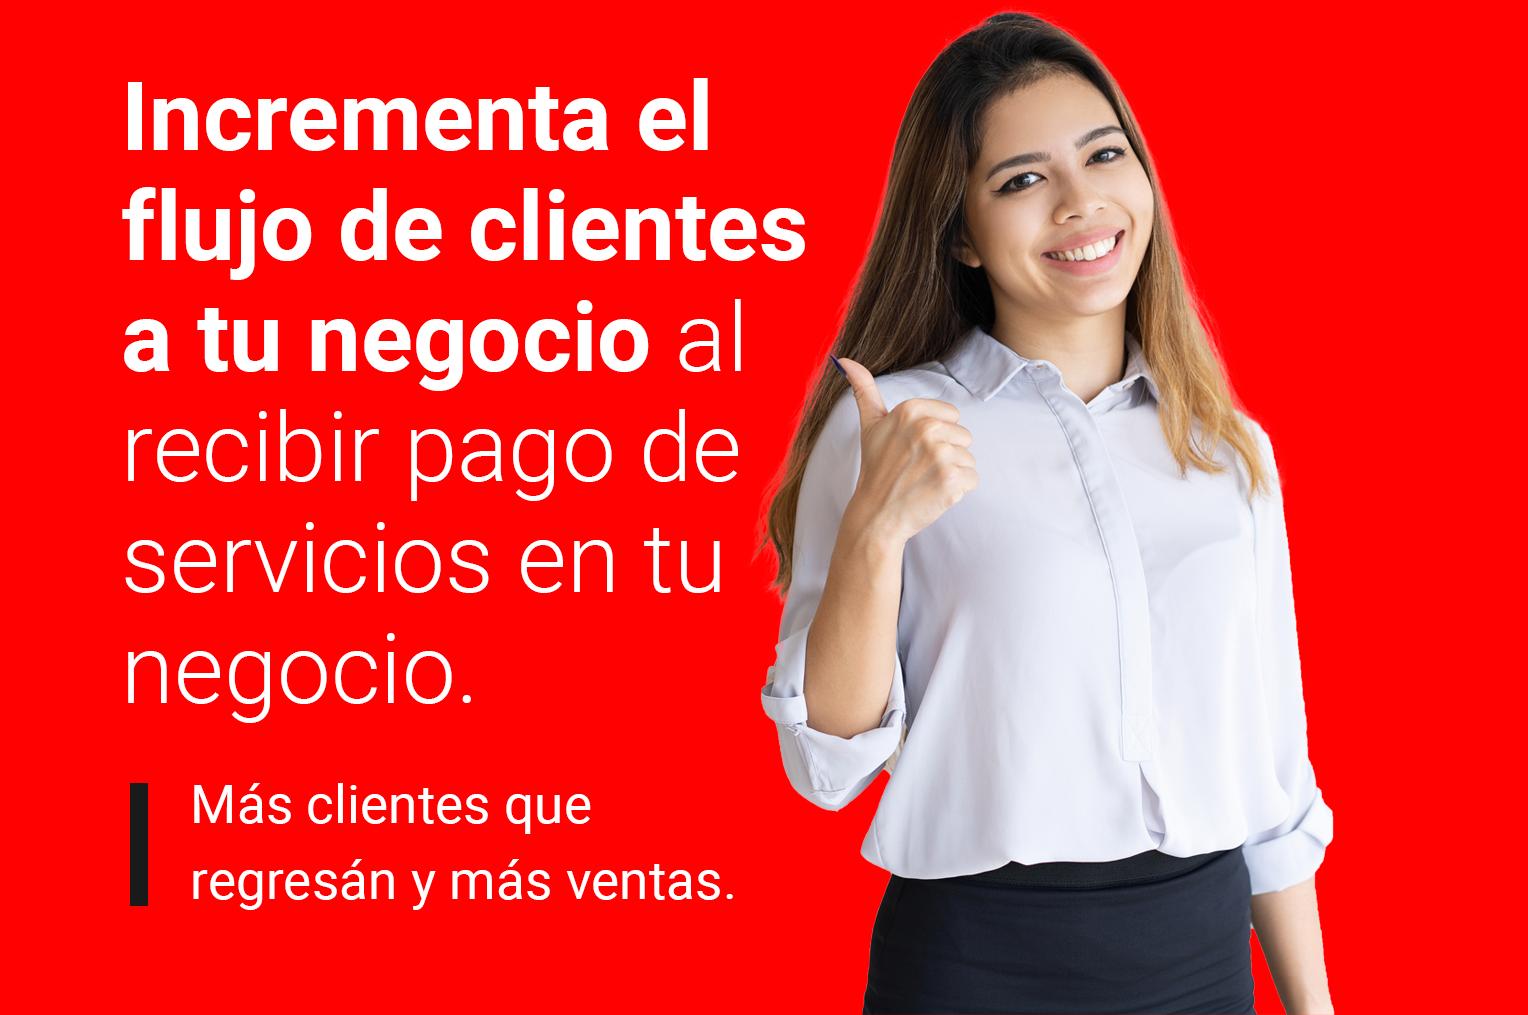 Contáctanos y te explicamos cómo recibir pago de servicios en tu negocio y ganar excelentes comisiones, Más ventas y clientes que regresan